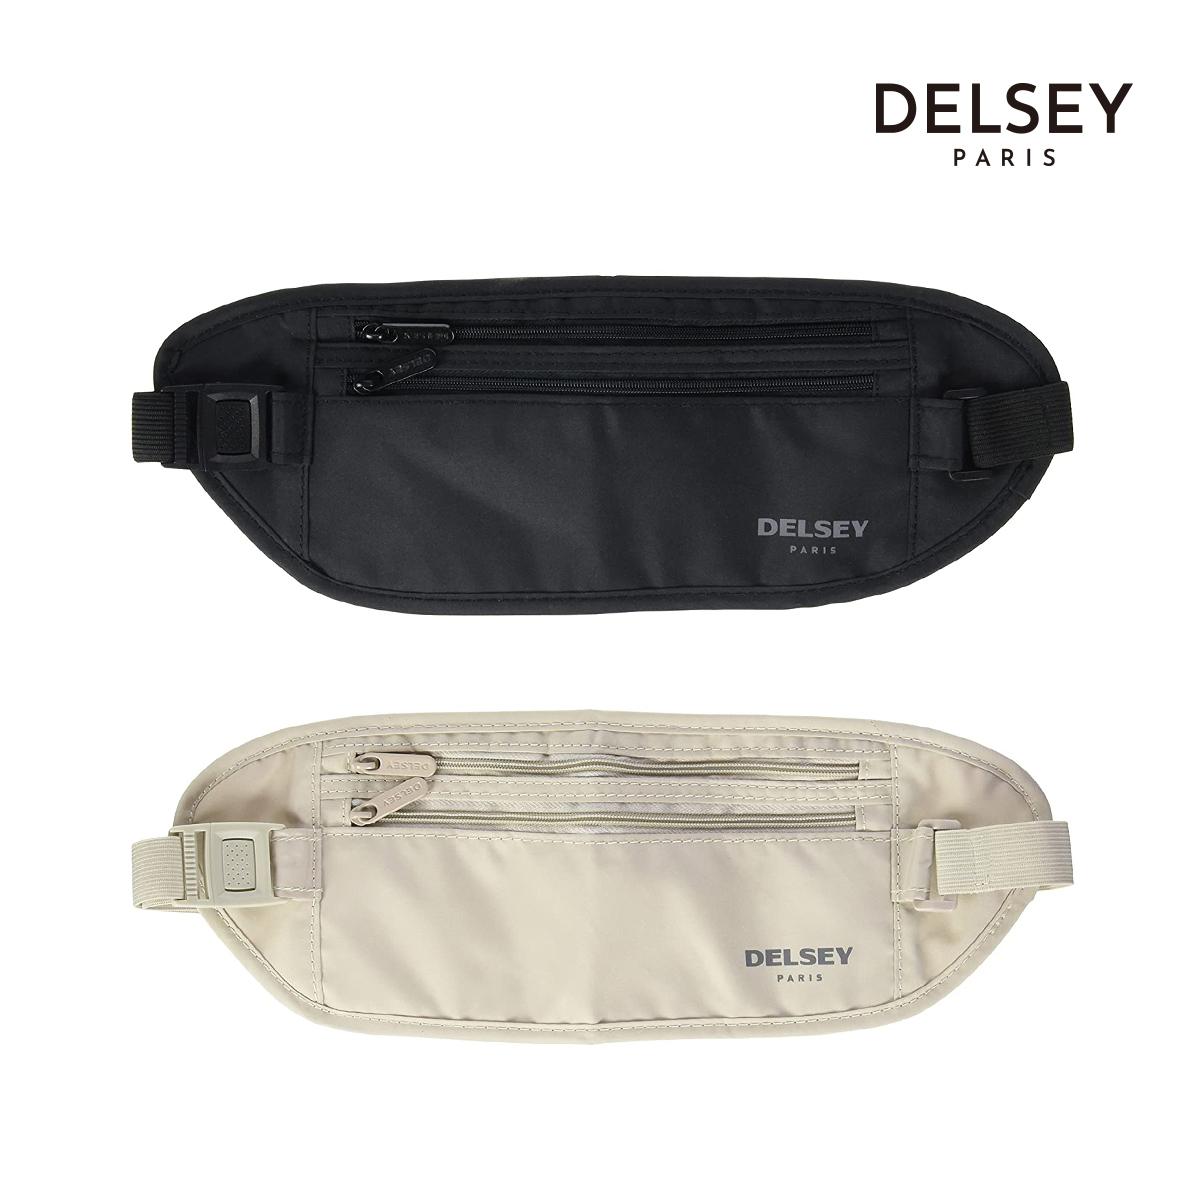 [델시]DELSEY - 안전 허리전대 / 여행용악세서리